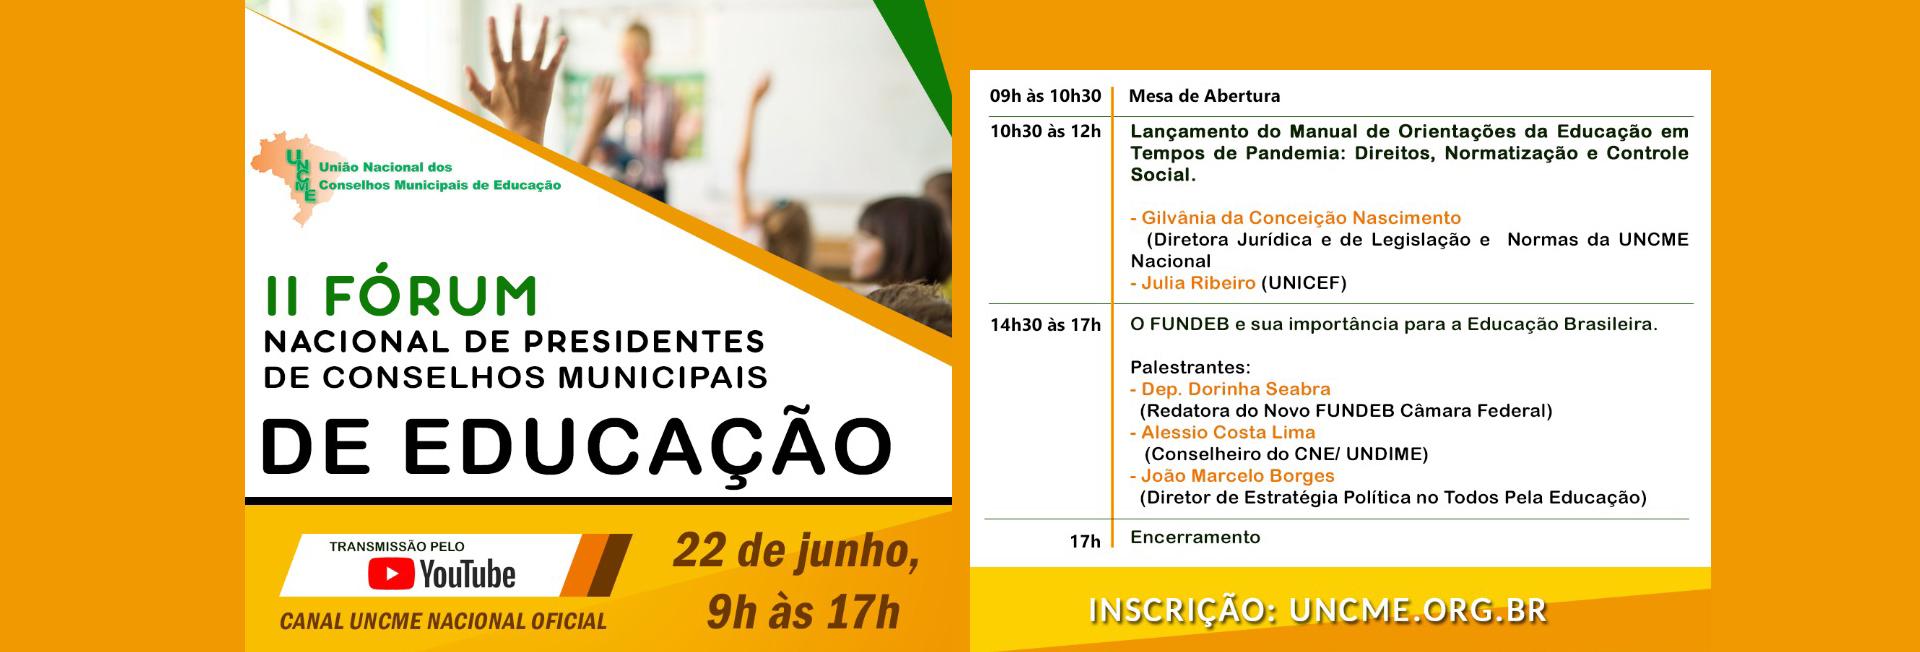 II Fórum Nacional de Presidentes de Conselhos Municipais de Educação – 22 de junho